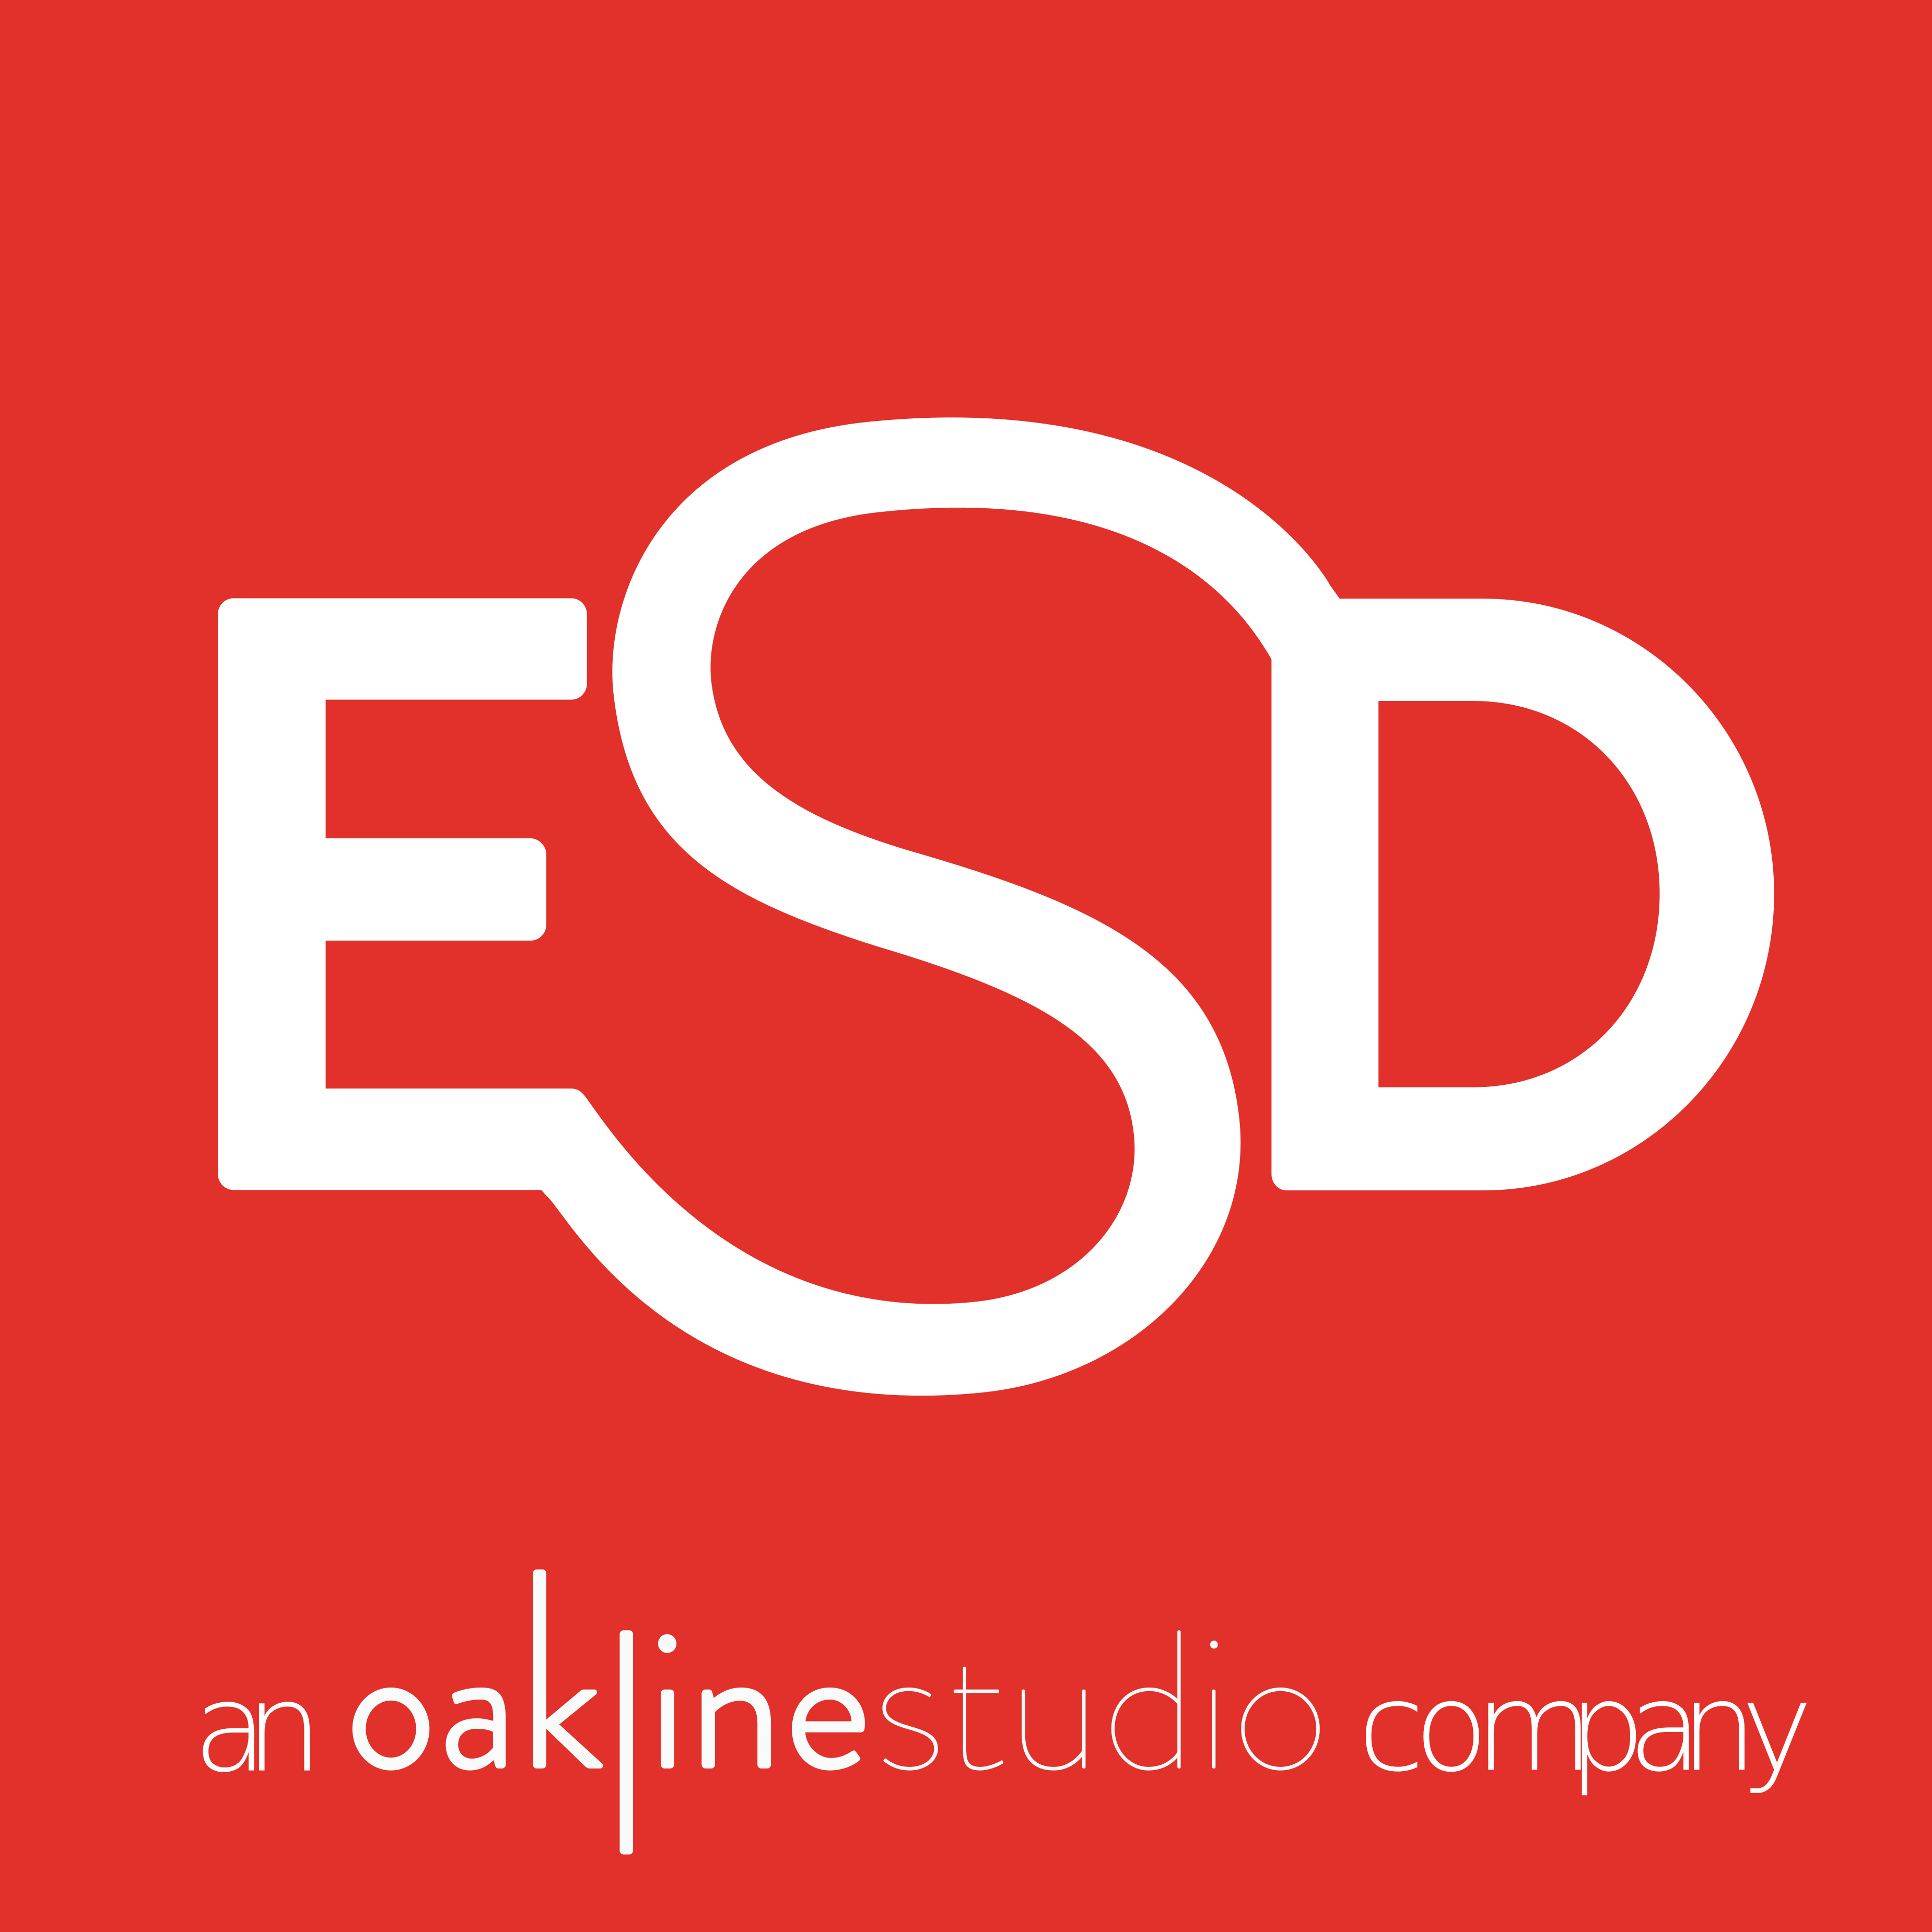 esd company logo